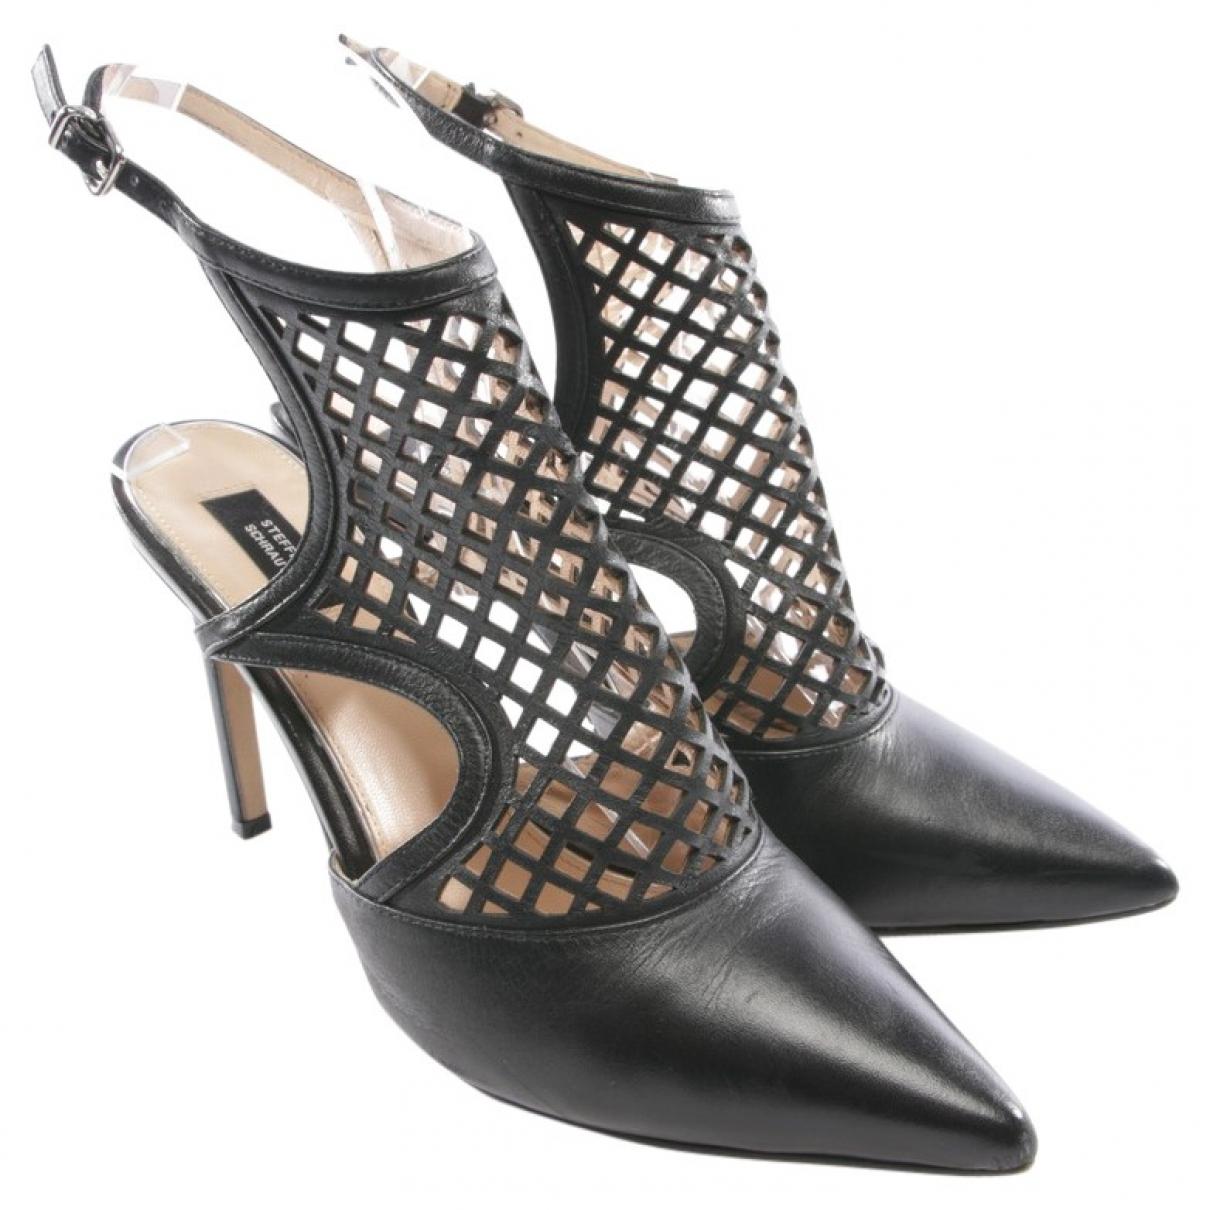 Steffen Schraut \N Black Leather Sandals for Women 38 EU